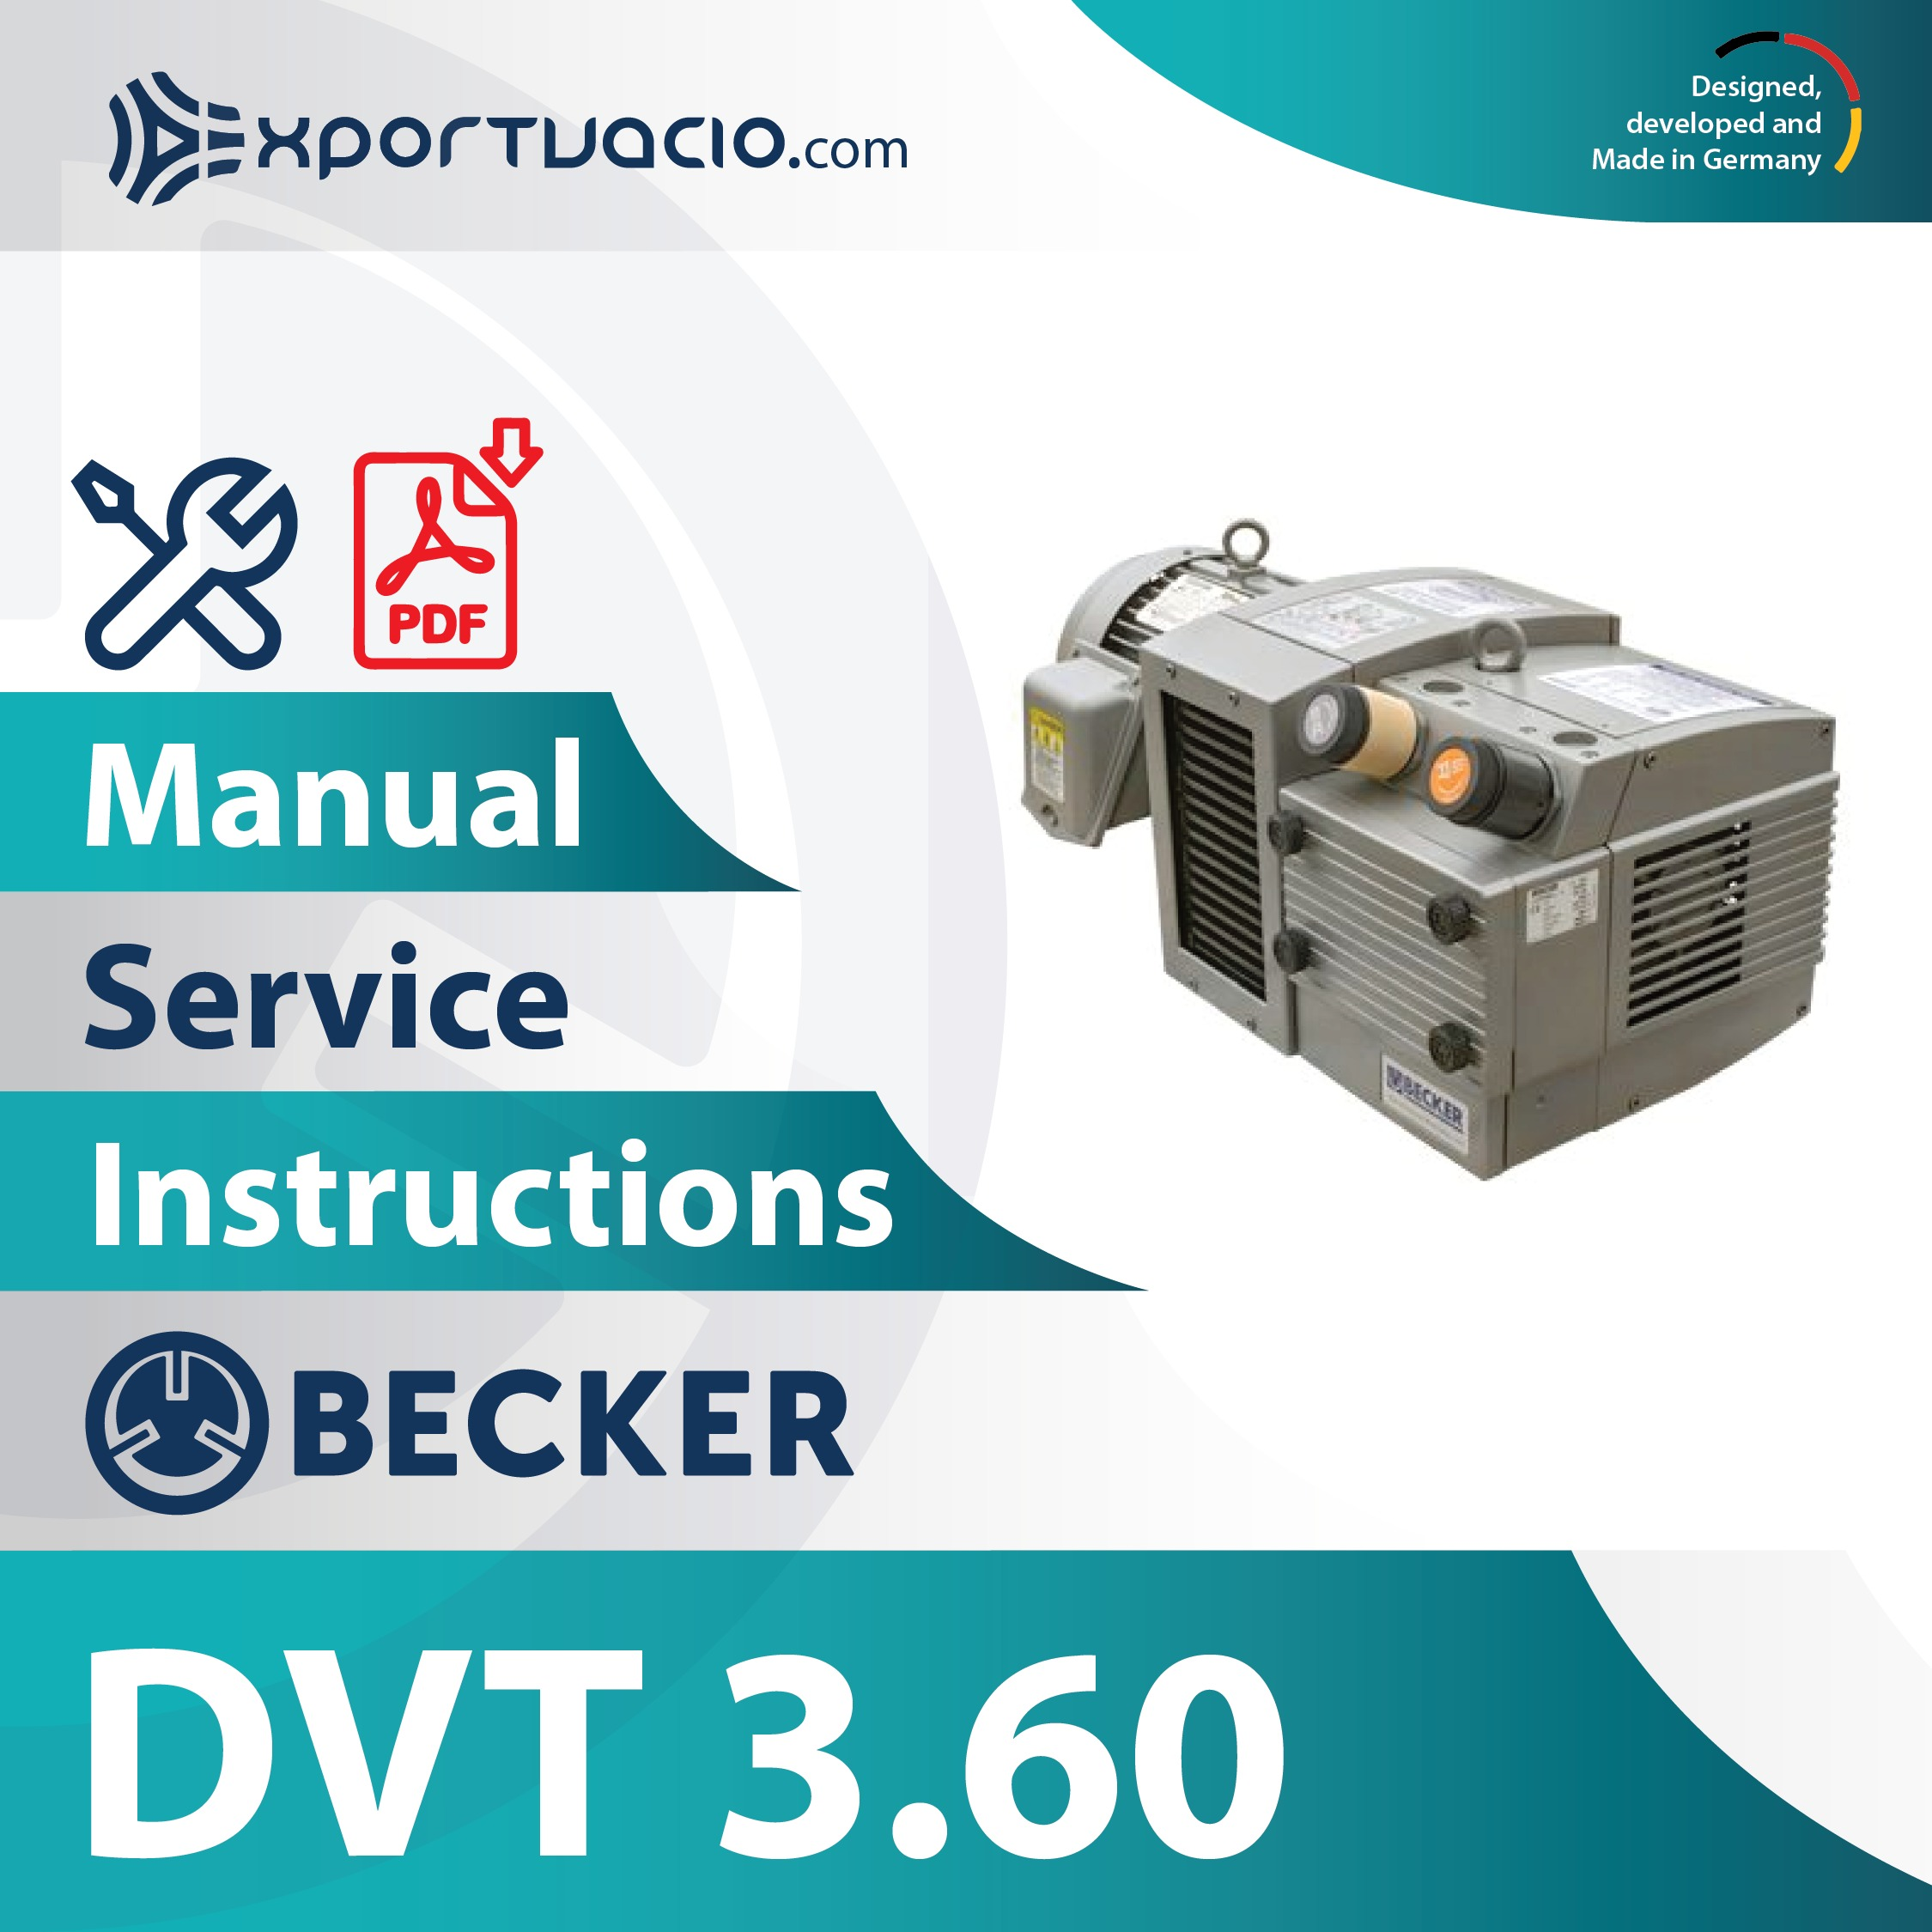 Becker DVT 3.60